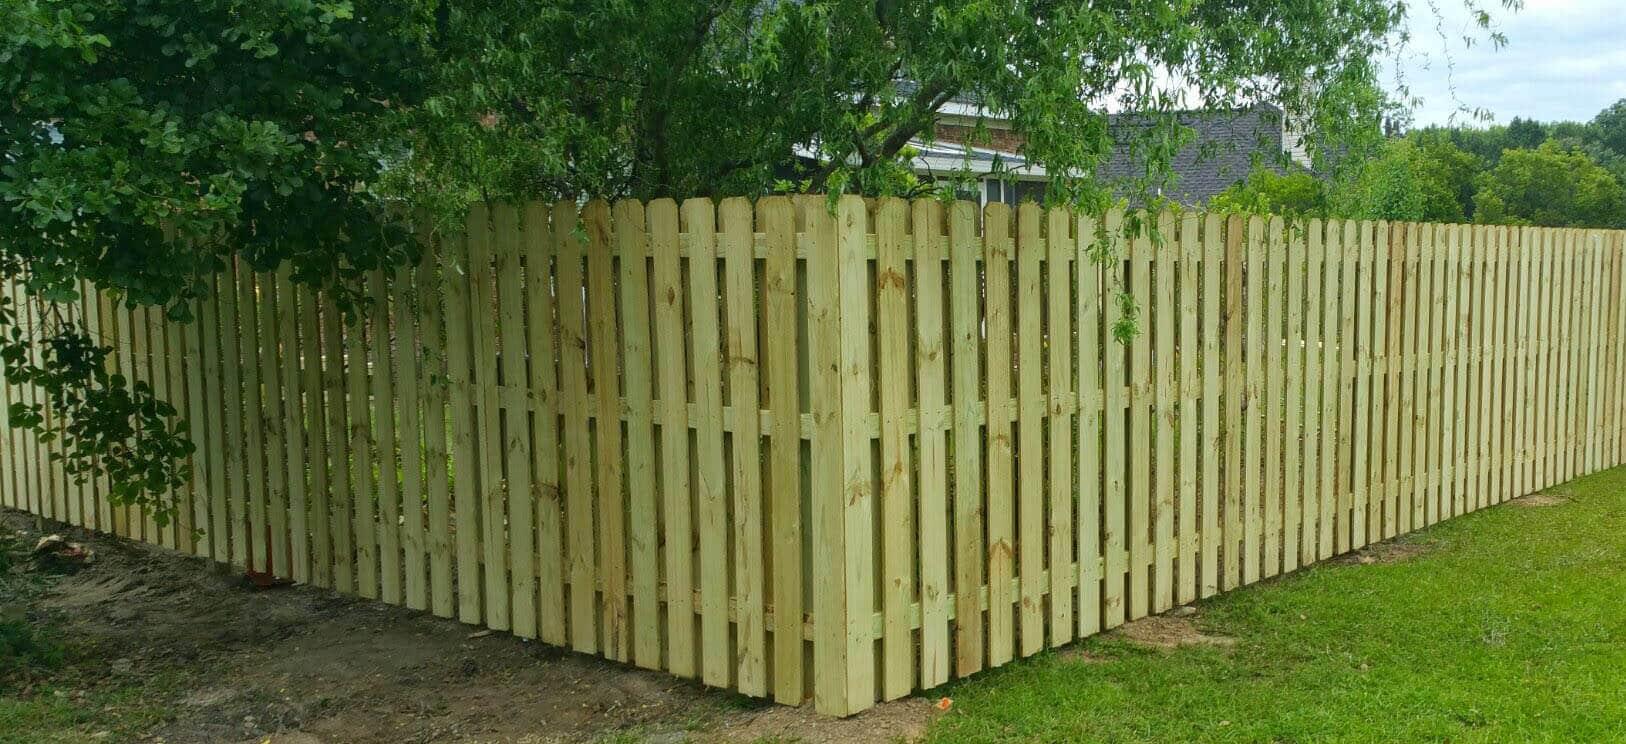 Dog Ear Fence Panels